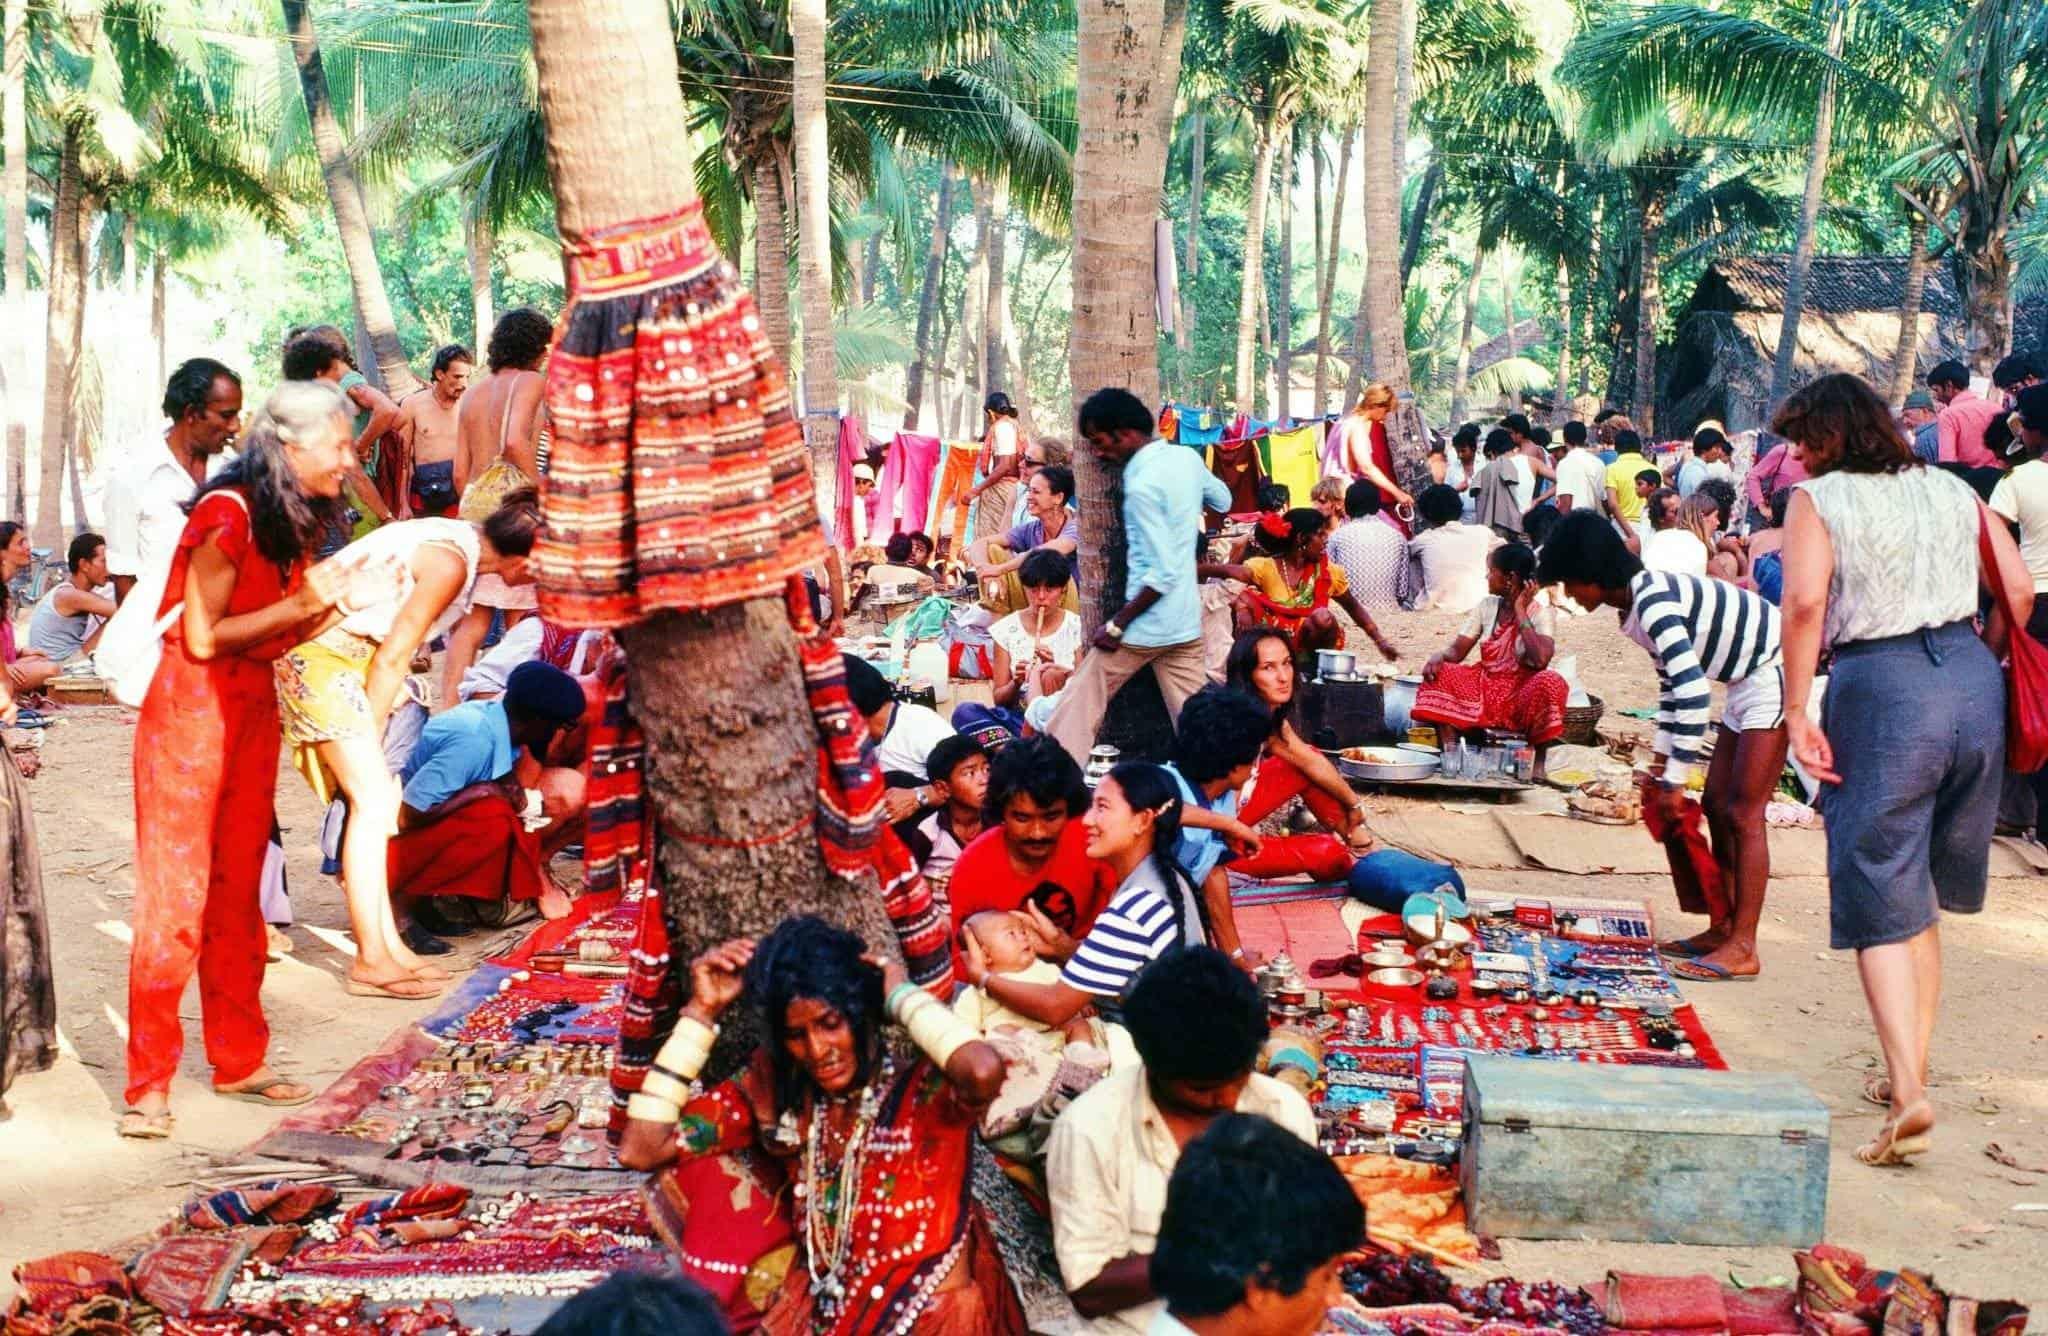 Anjuna flea market, Гоа, Индия, 1982.